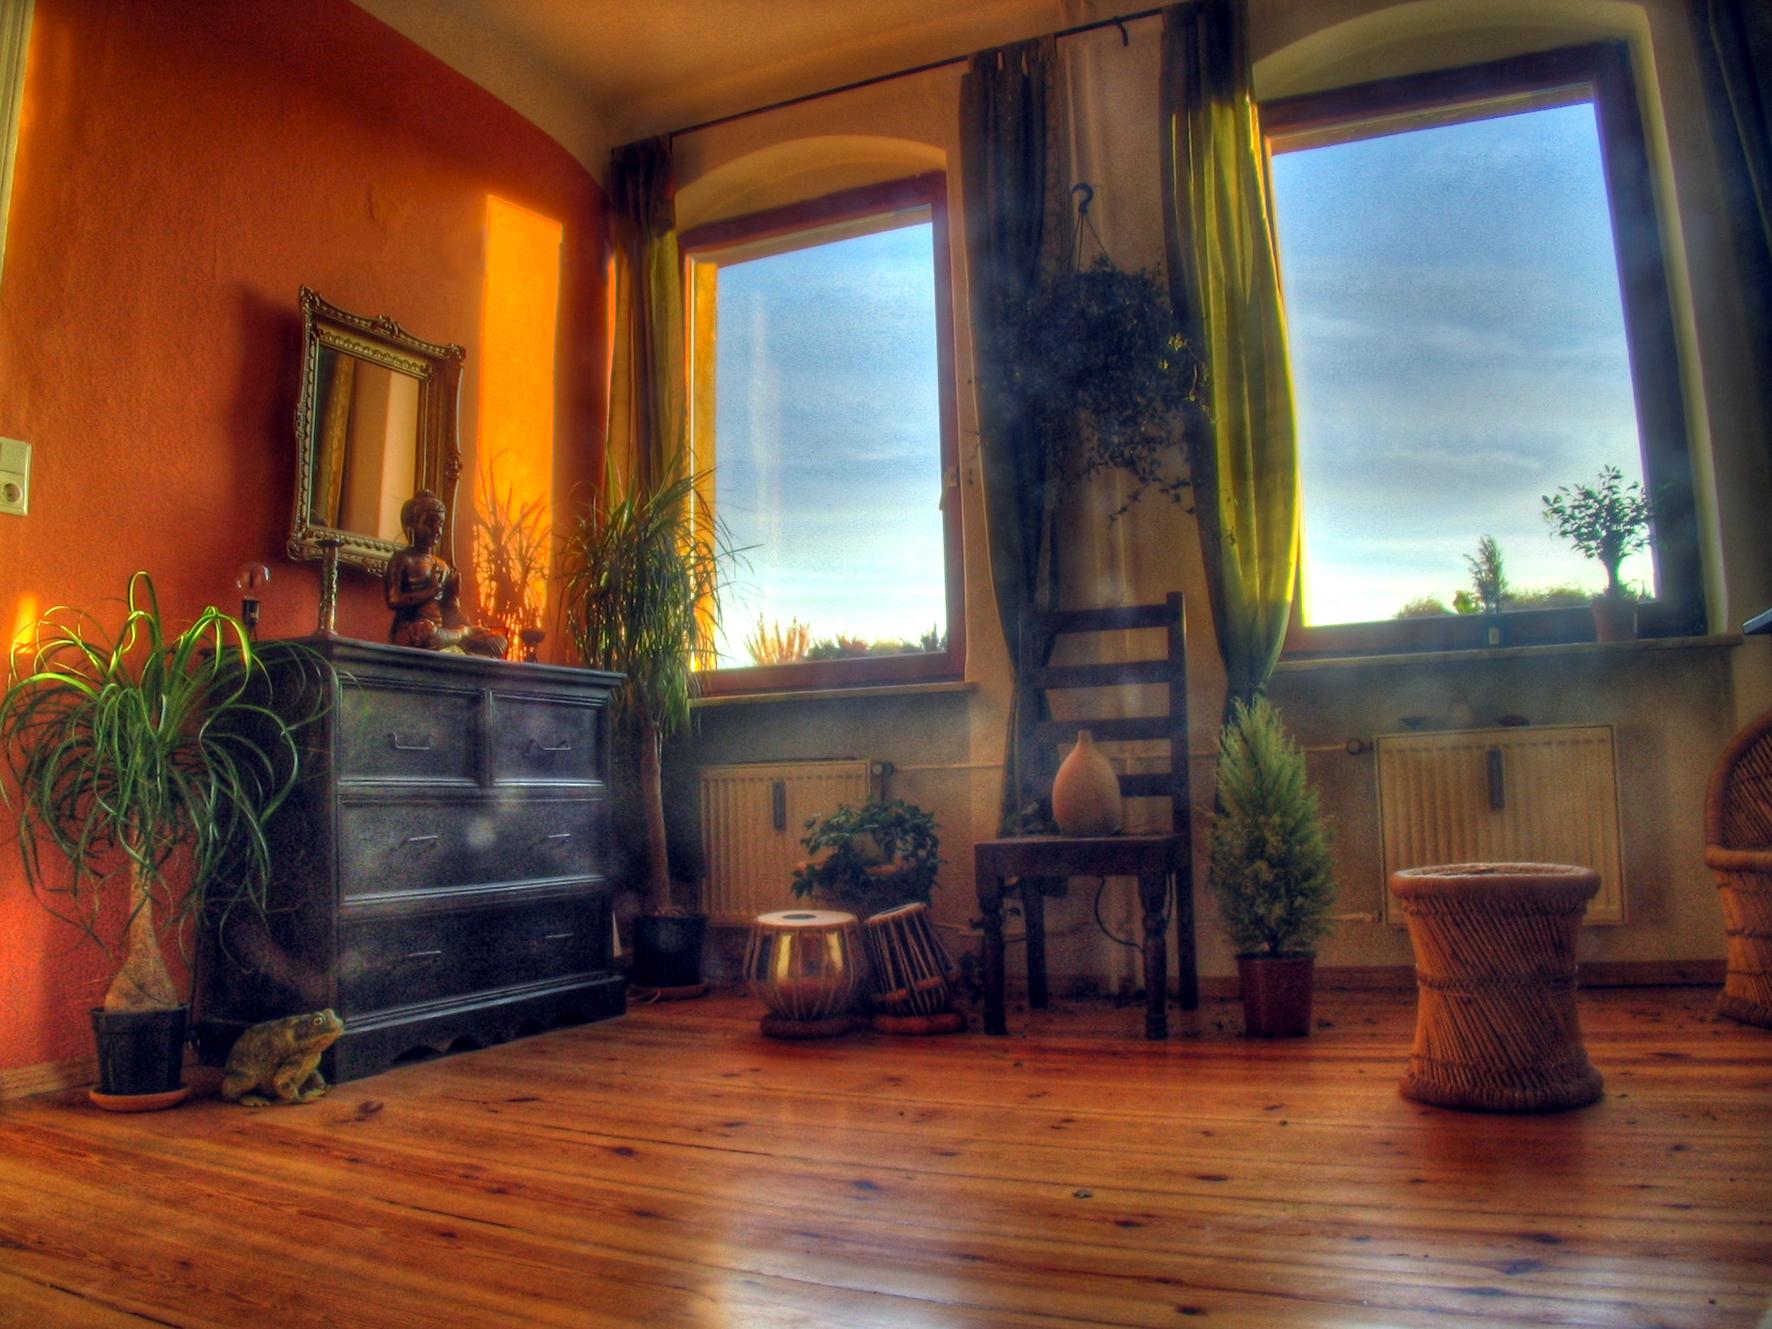 sch nes aus aller welt kolonialstilm bel tagesdecken. Black Bedroom Furniture Sets. Home Design Ideas